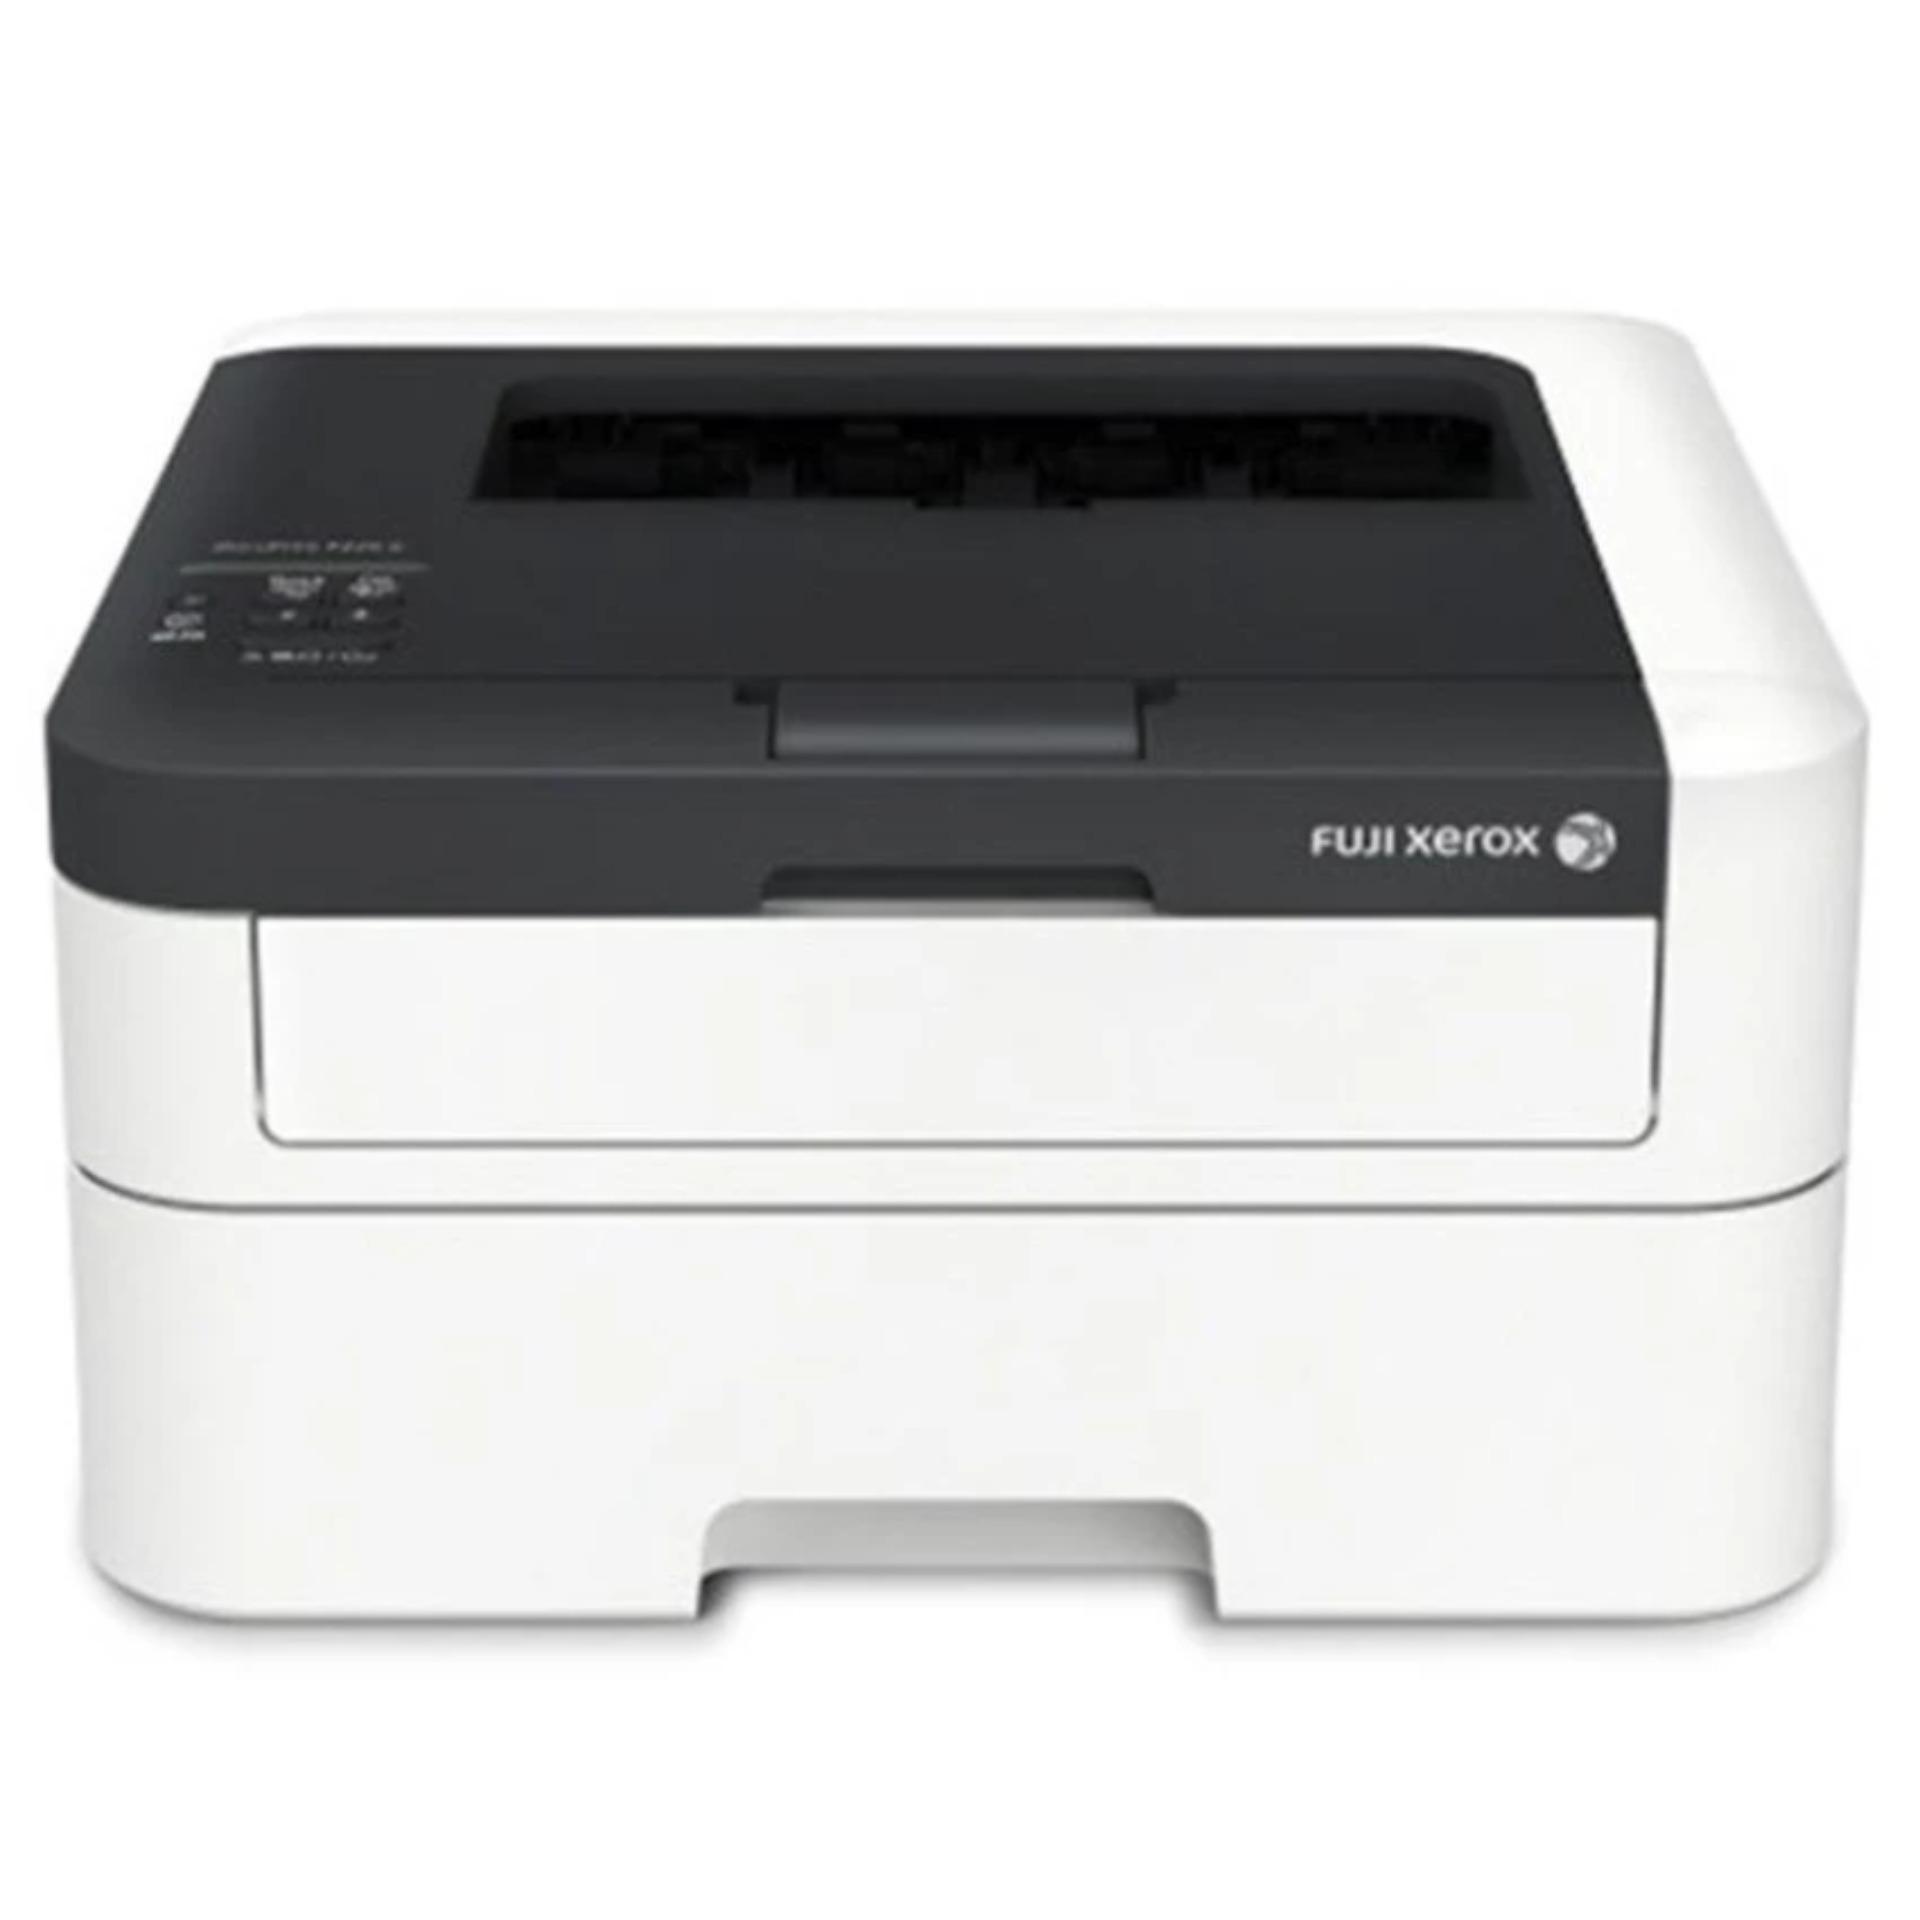 Máy in Laser Fuji Xerox P265dw (Trắng) - Phân phối chính hãng